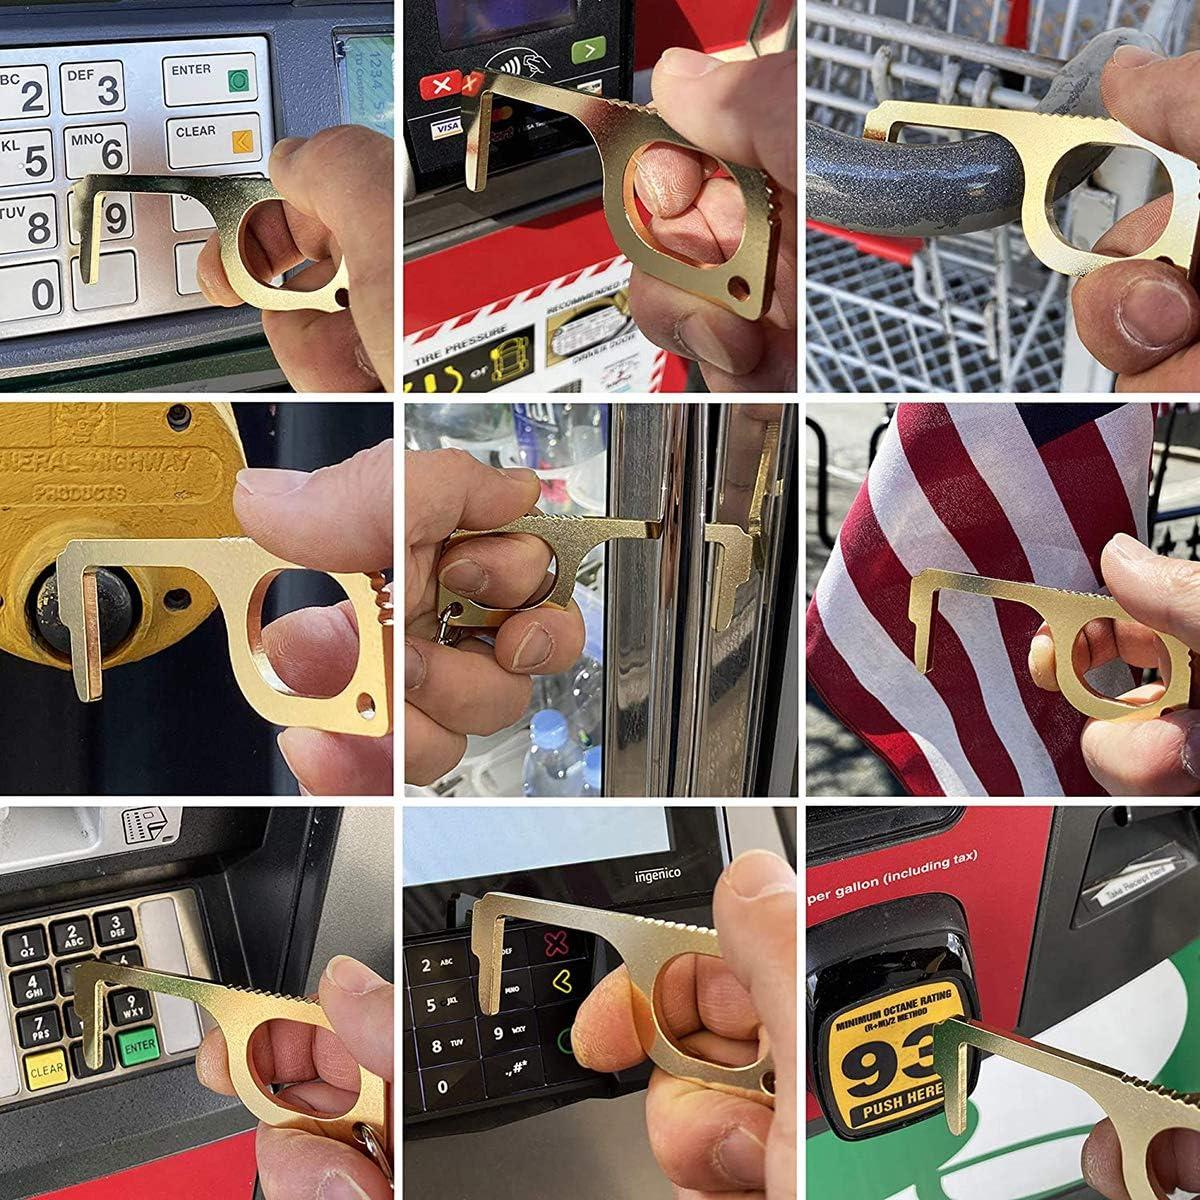 Touchless door opener,no touch door opener, door opener tool ,garage door openers,no touch door opener tool 4pcs B